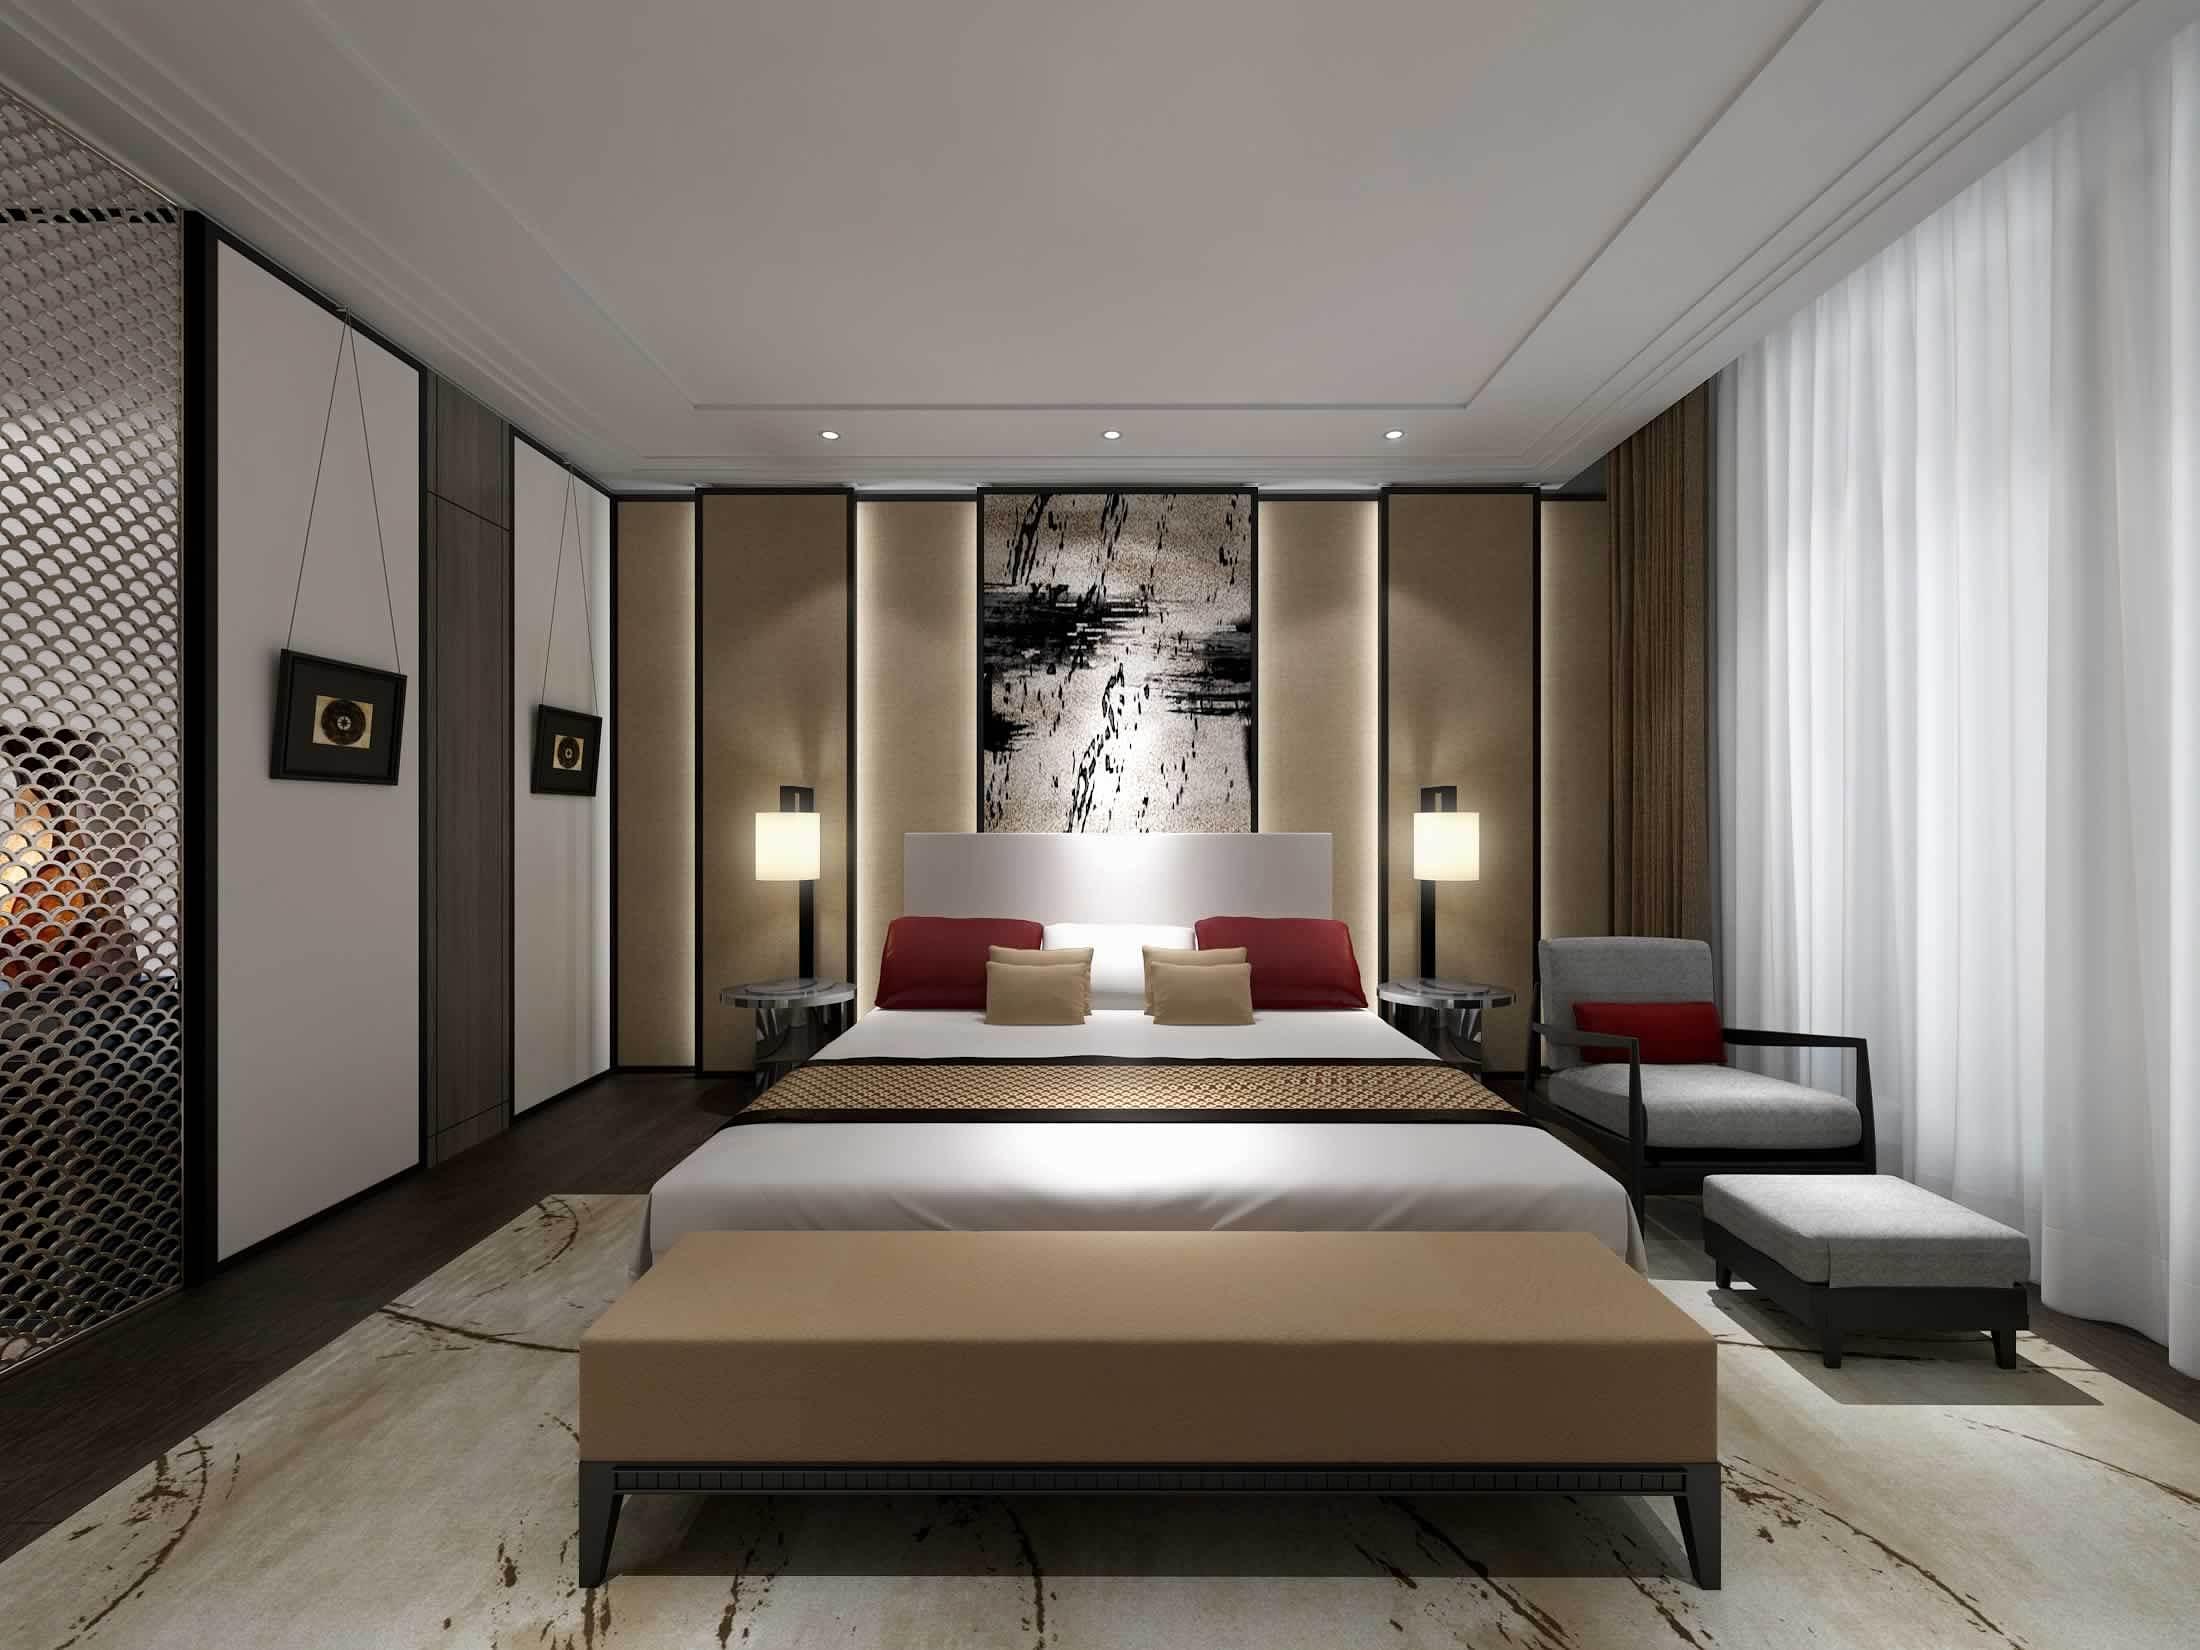 现代中式卧室效果�_134米现代中式风格装修效果图赏析_装修案例欣赏-保障网装修效果图